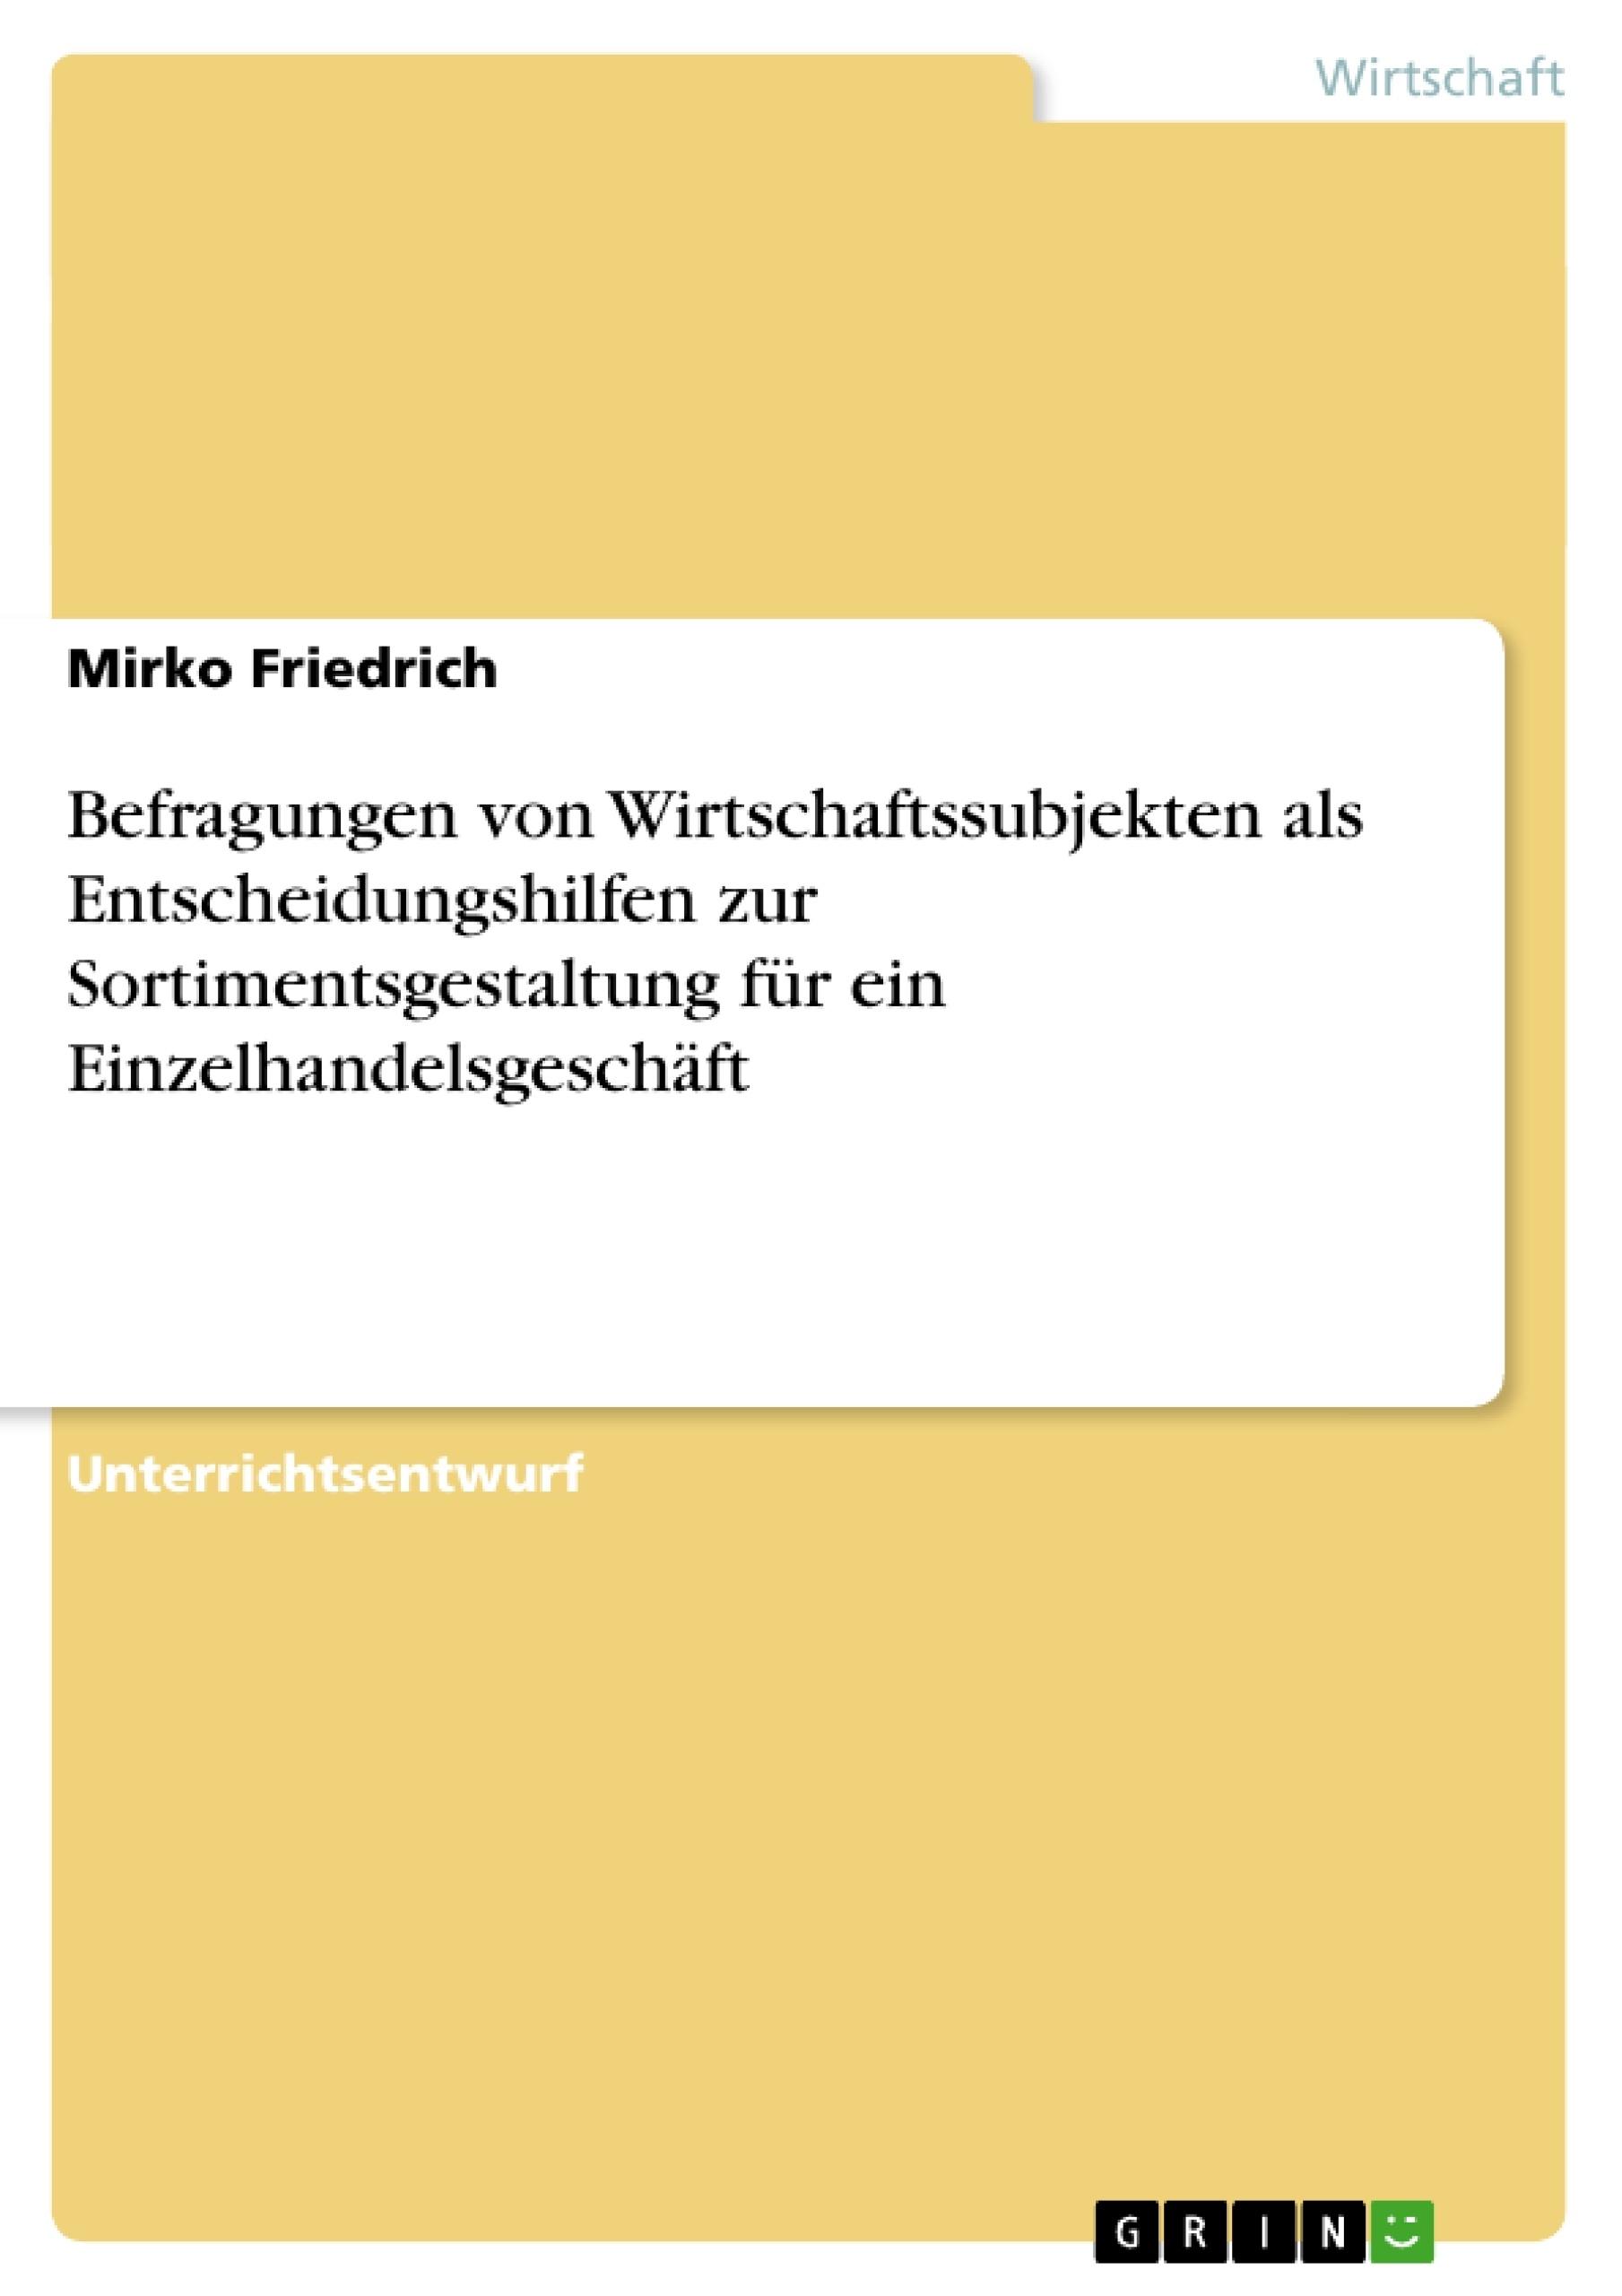 Titel: Befragungen von Wirtschaftssubjekten als Entscheidungshilfen zur Sortimentsgestaltung für ein Einzelhandelsgeschäft